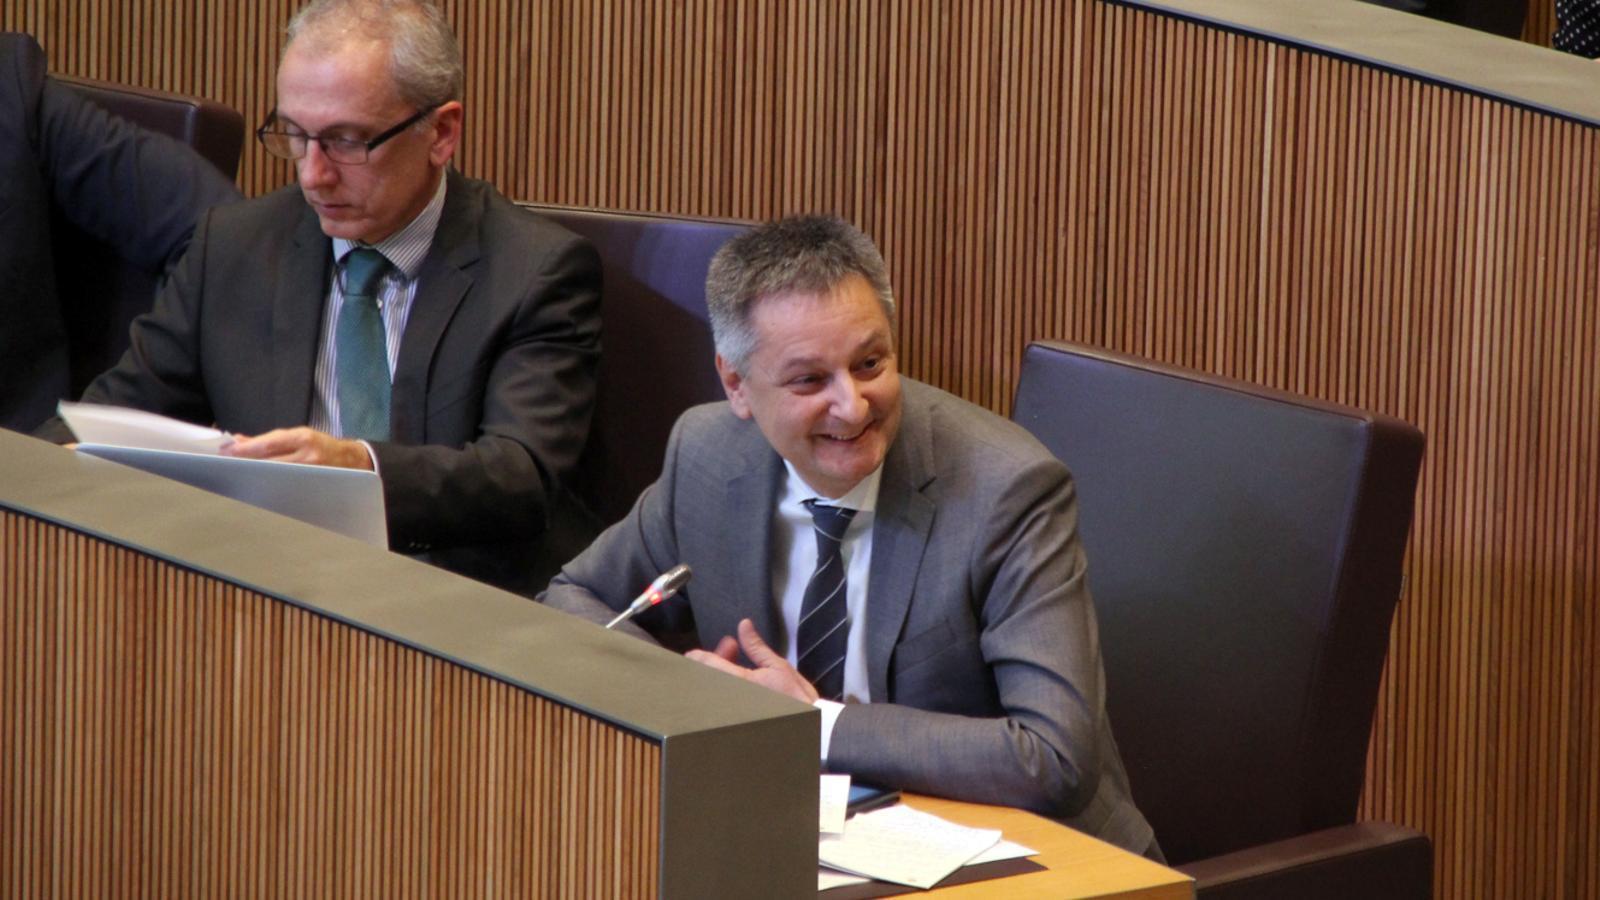 El ministre d'Economia, Competitivitat i Innovació, Gilbert Saboya, durant la seva intervenció al Consell General. / M. F. (ANA)